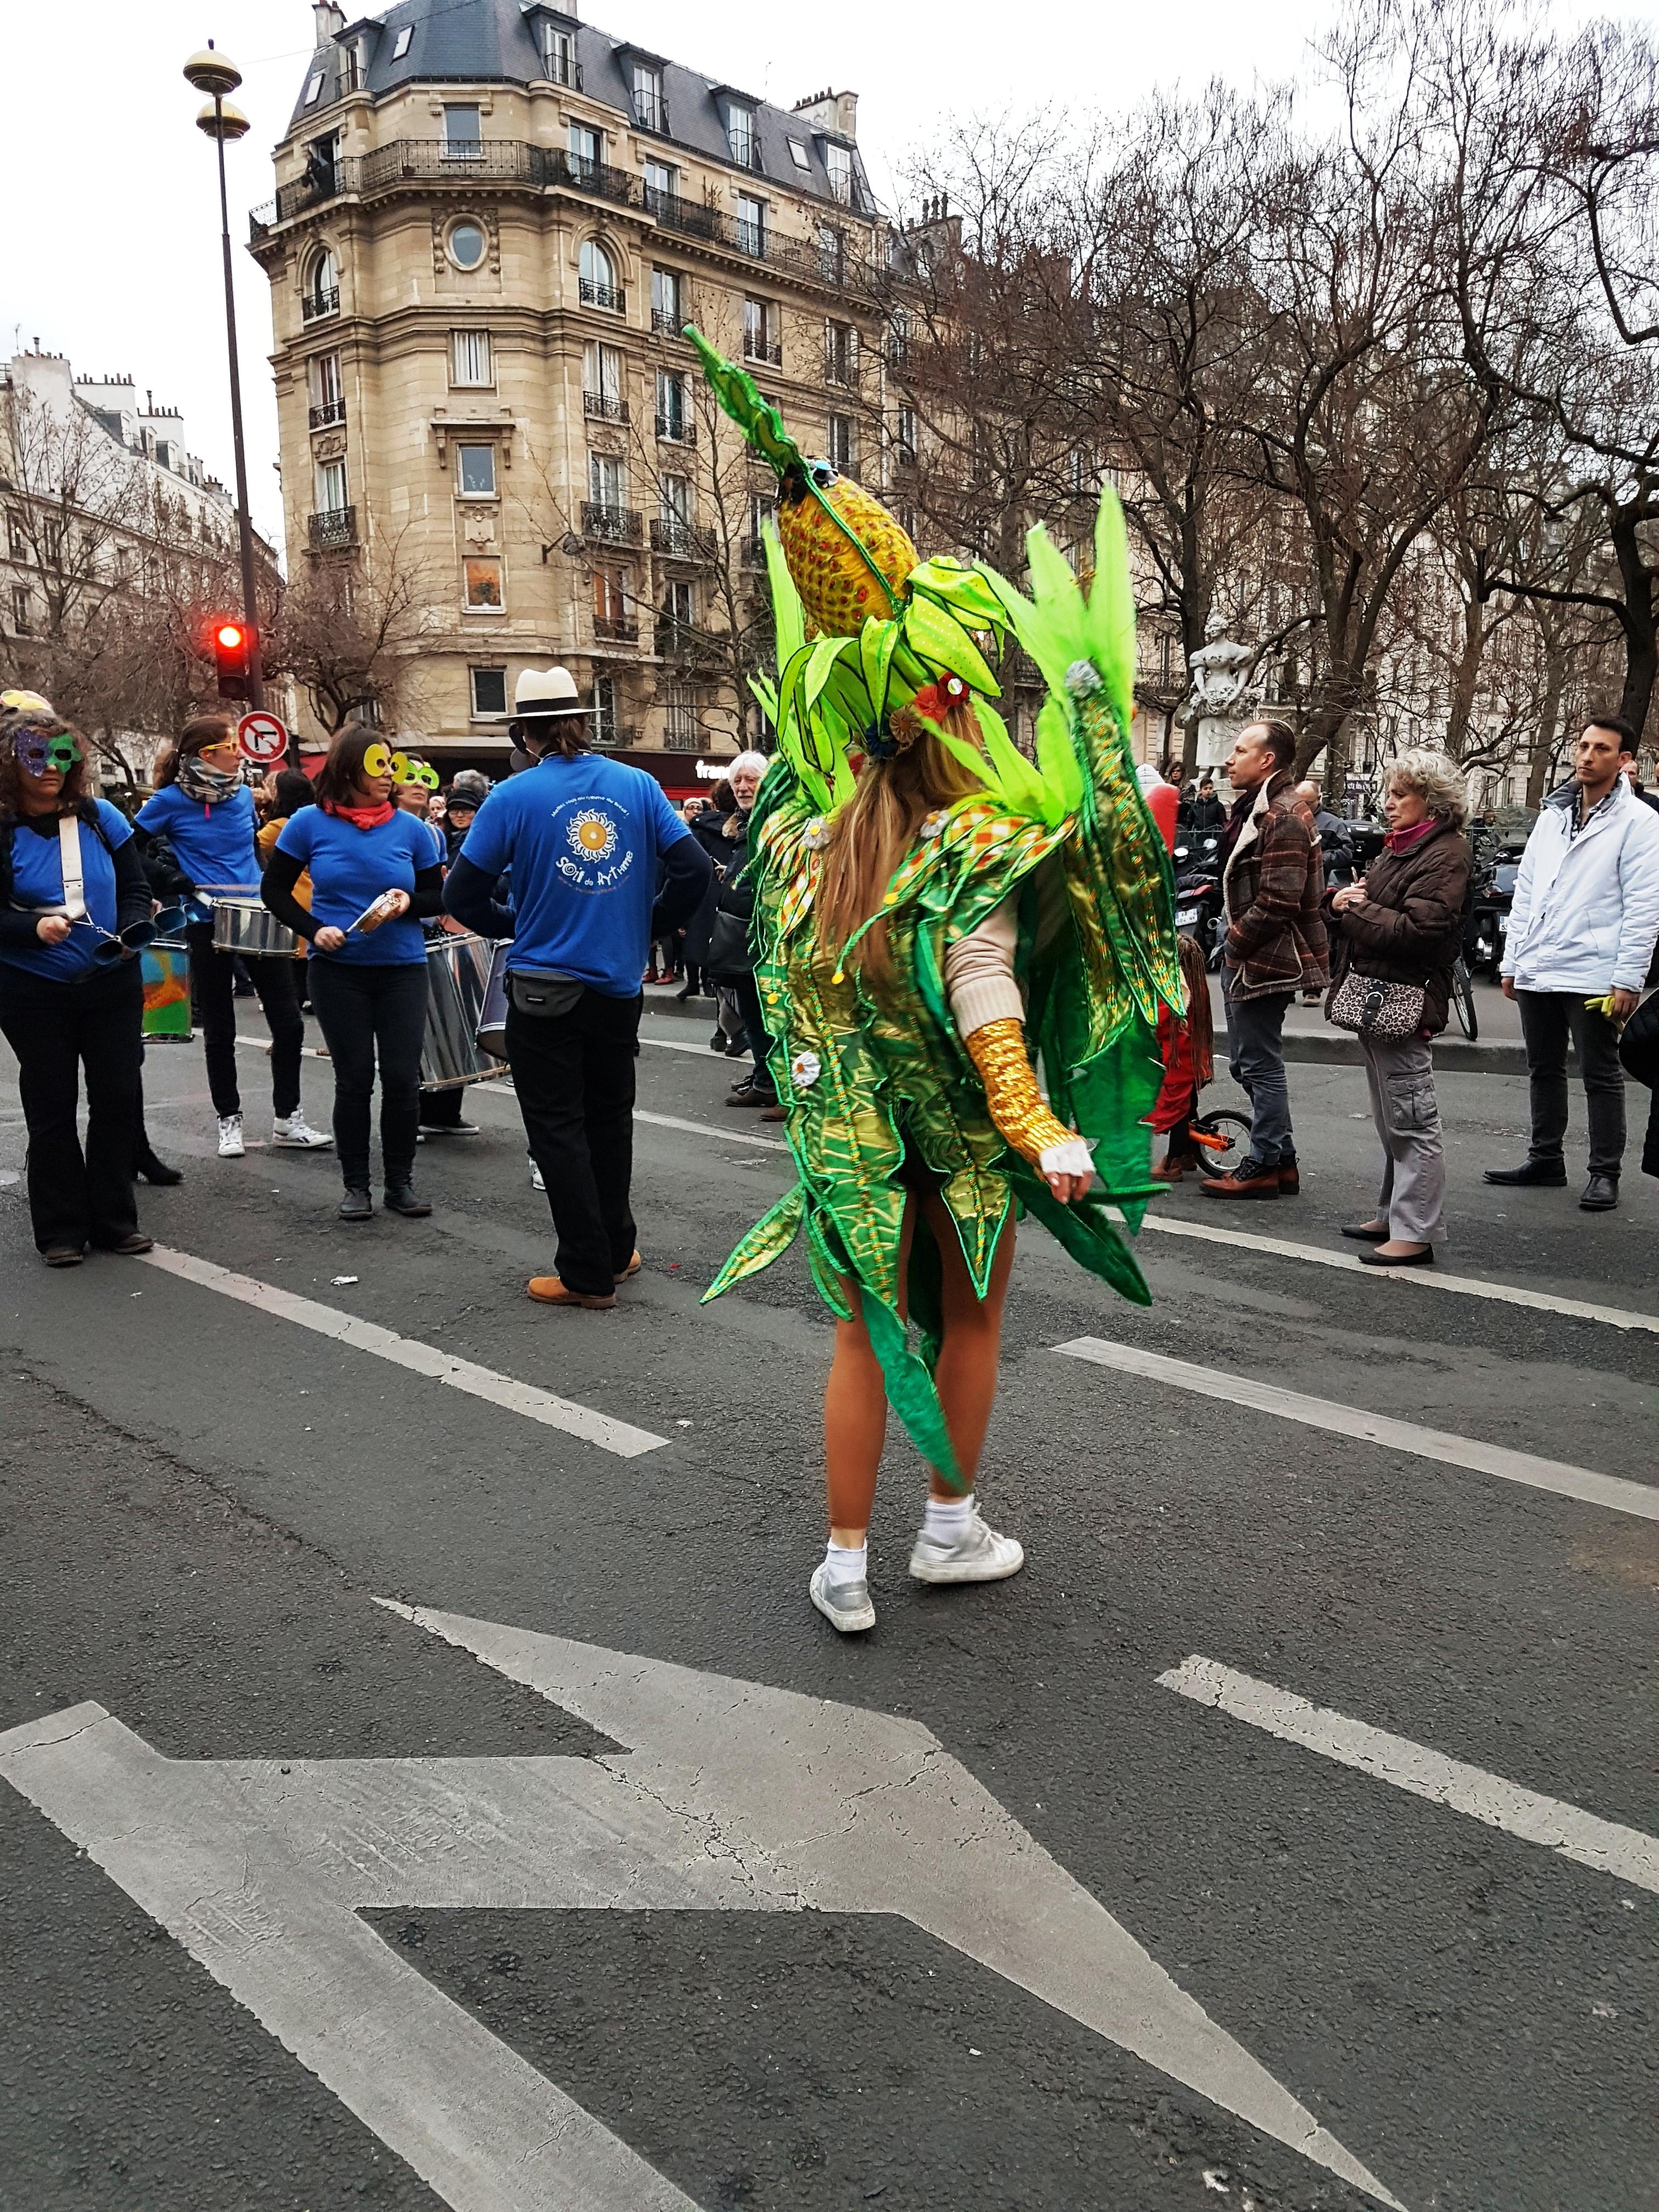 13 photos du carnaval de paris 2017 faites par daumale carnaval de paris 2018 - Carnaval de paris 2017 ...